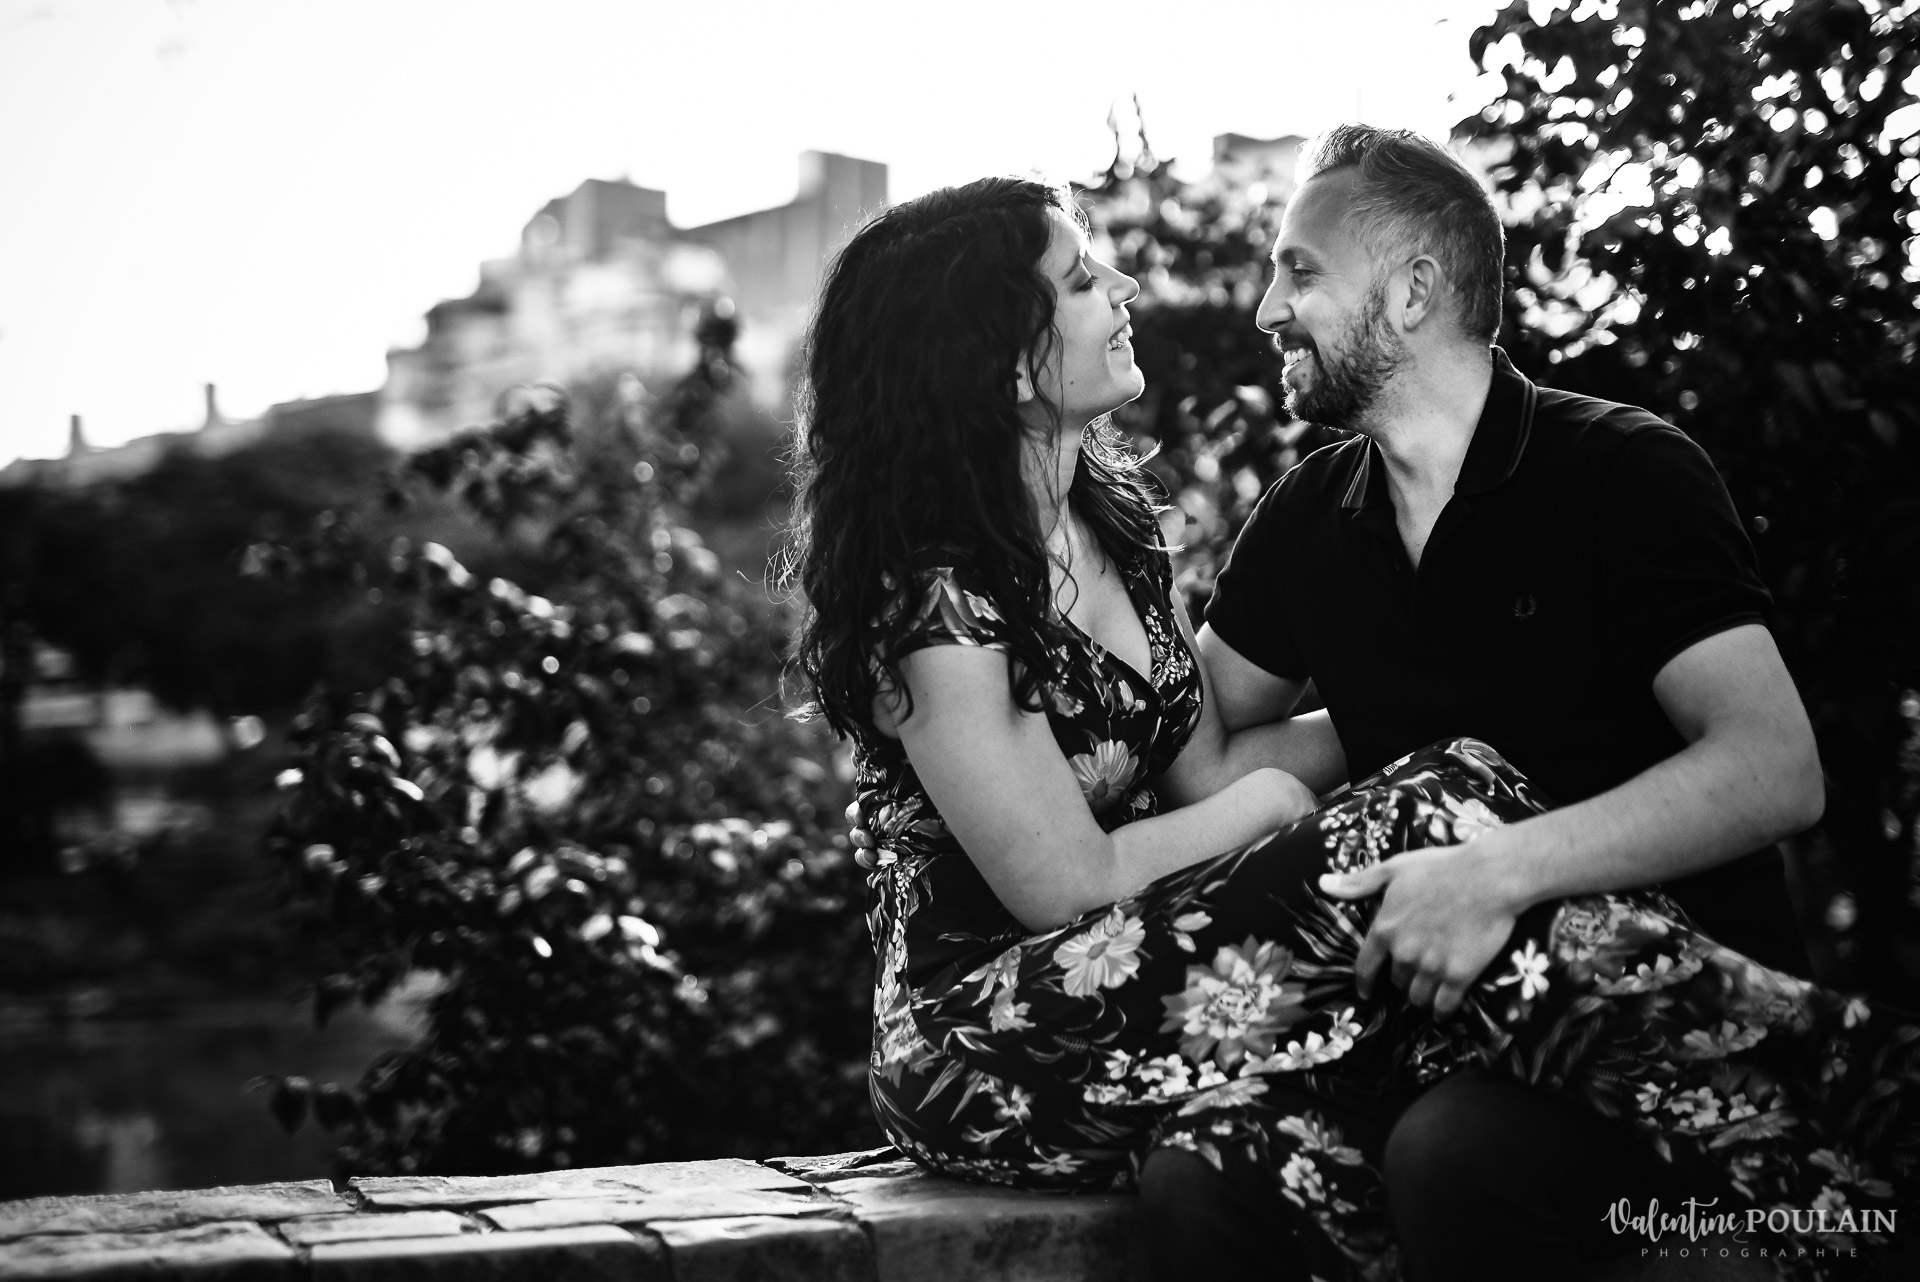 Séance photo couple Barcelone - Valentine Poulain noir et blanc